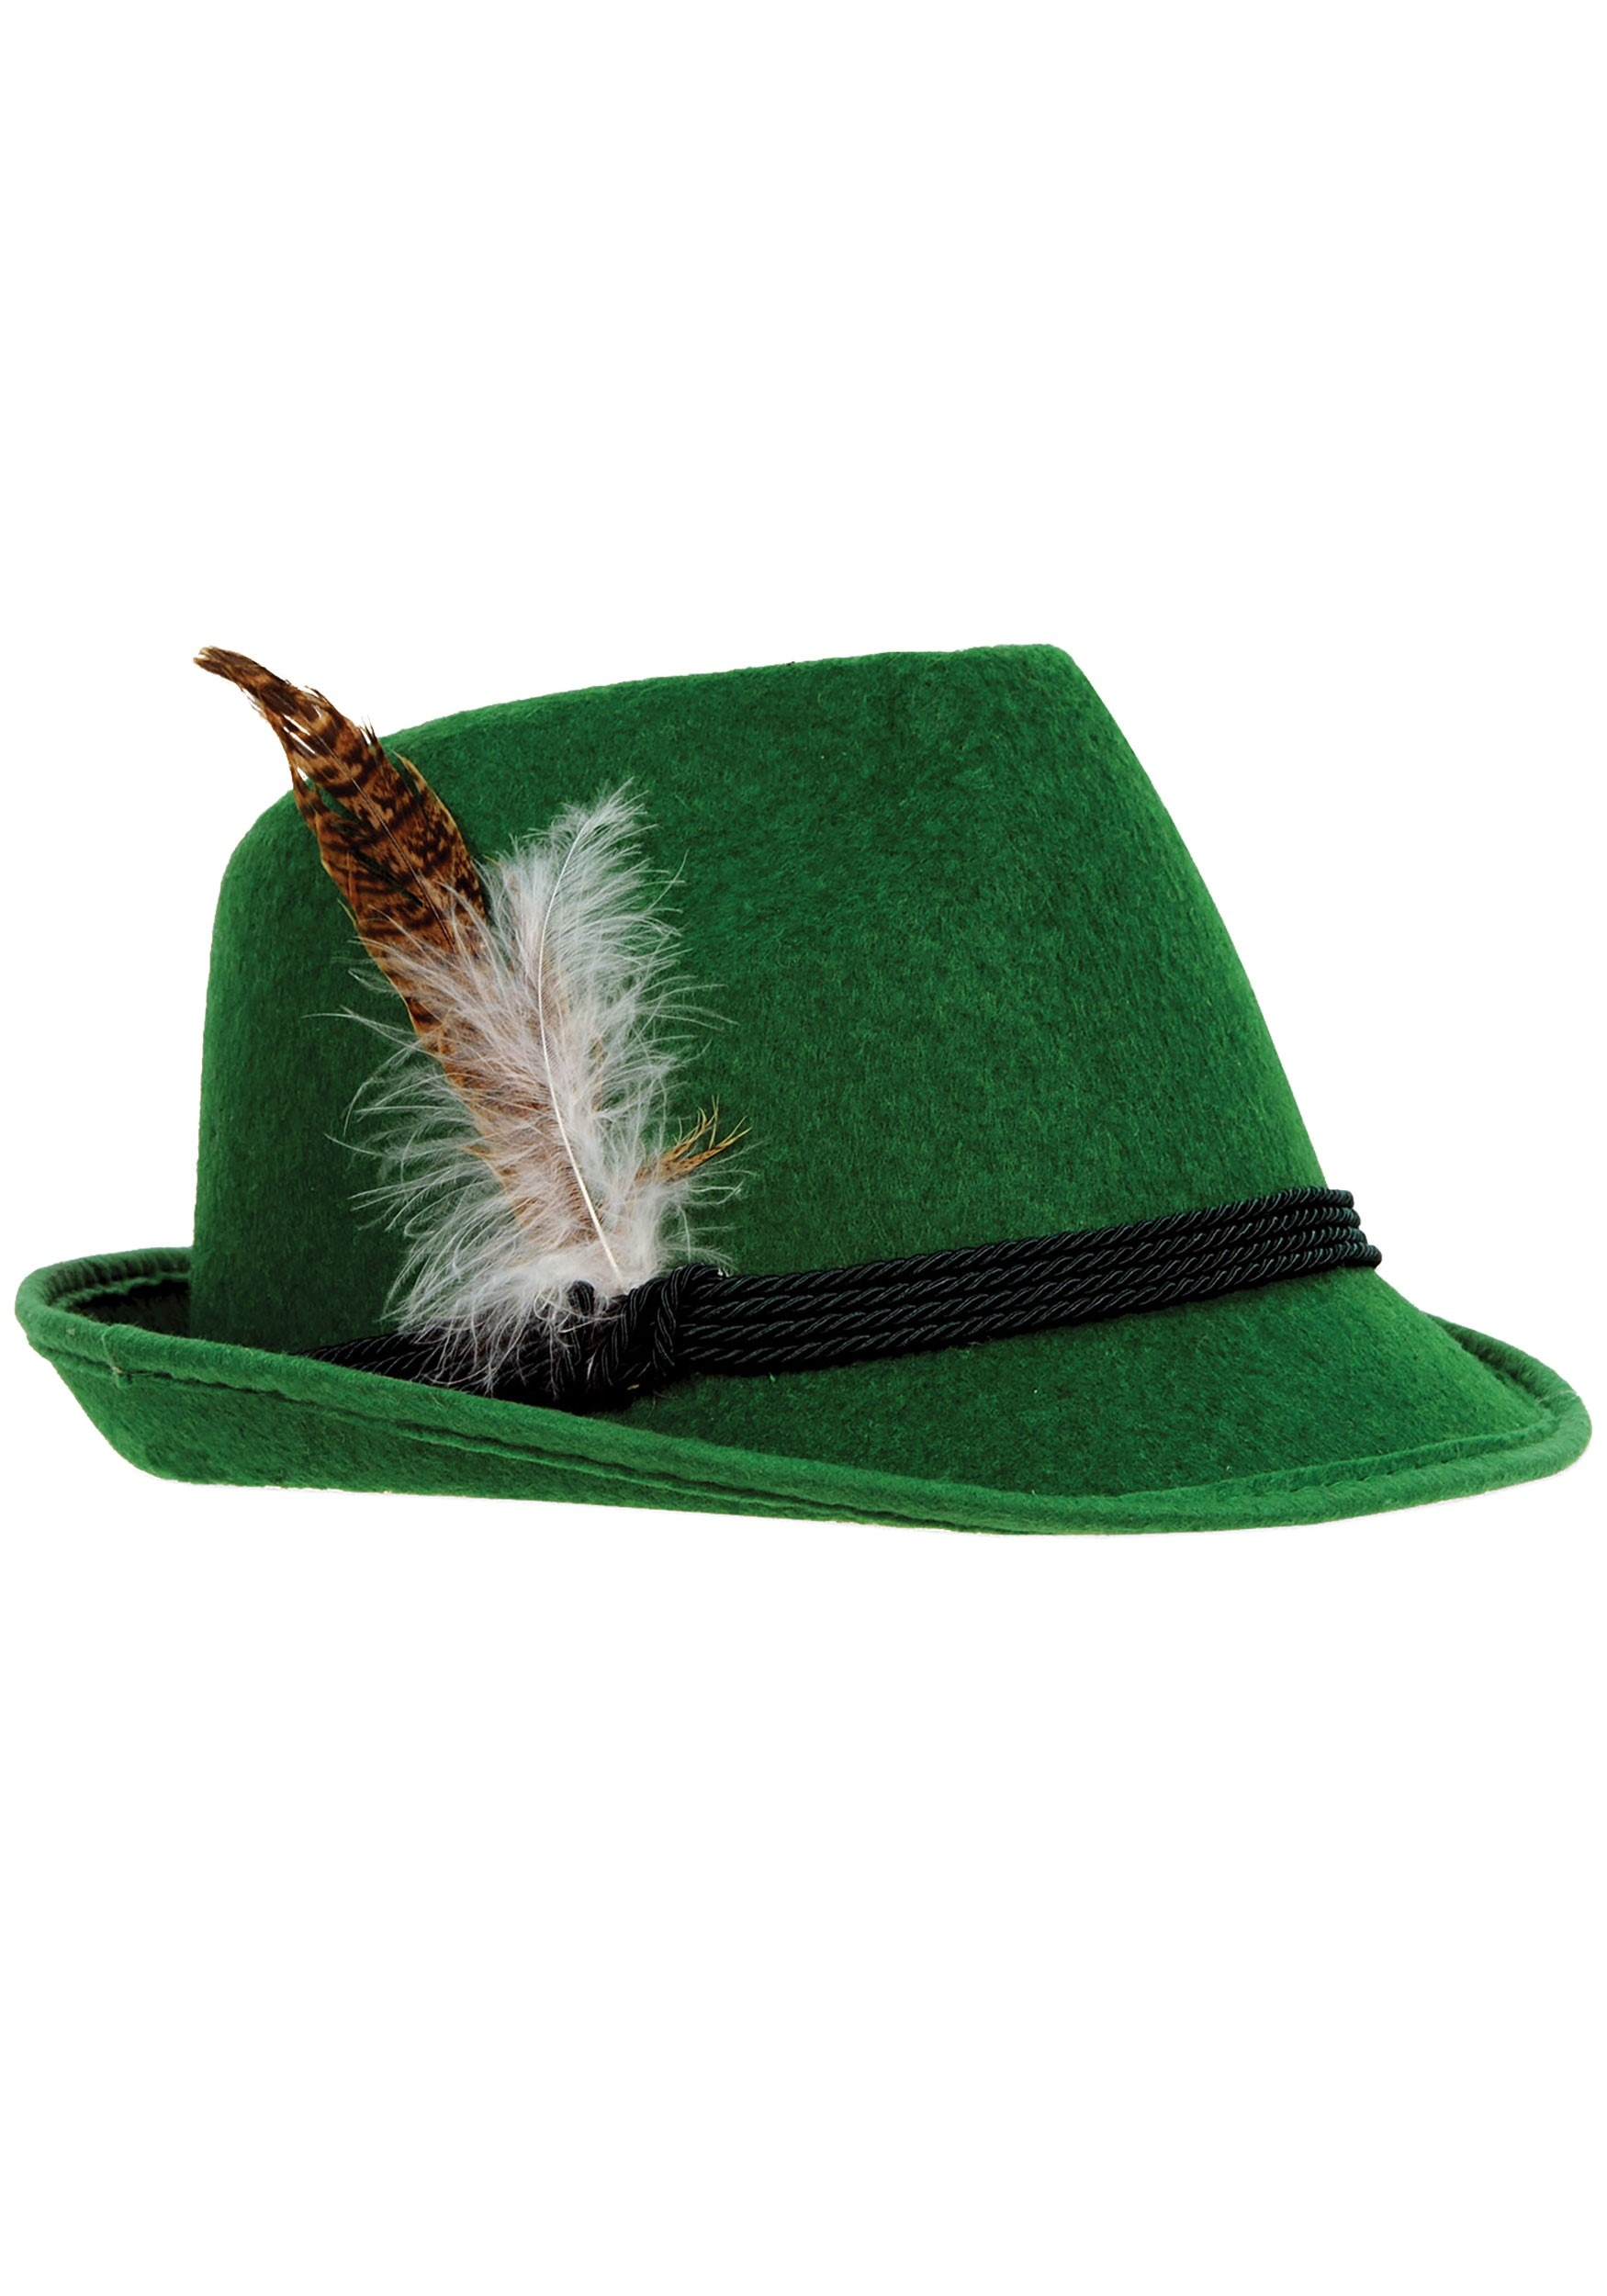 Mens_Deluxe_Green_German_Hat